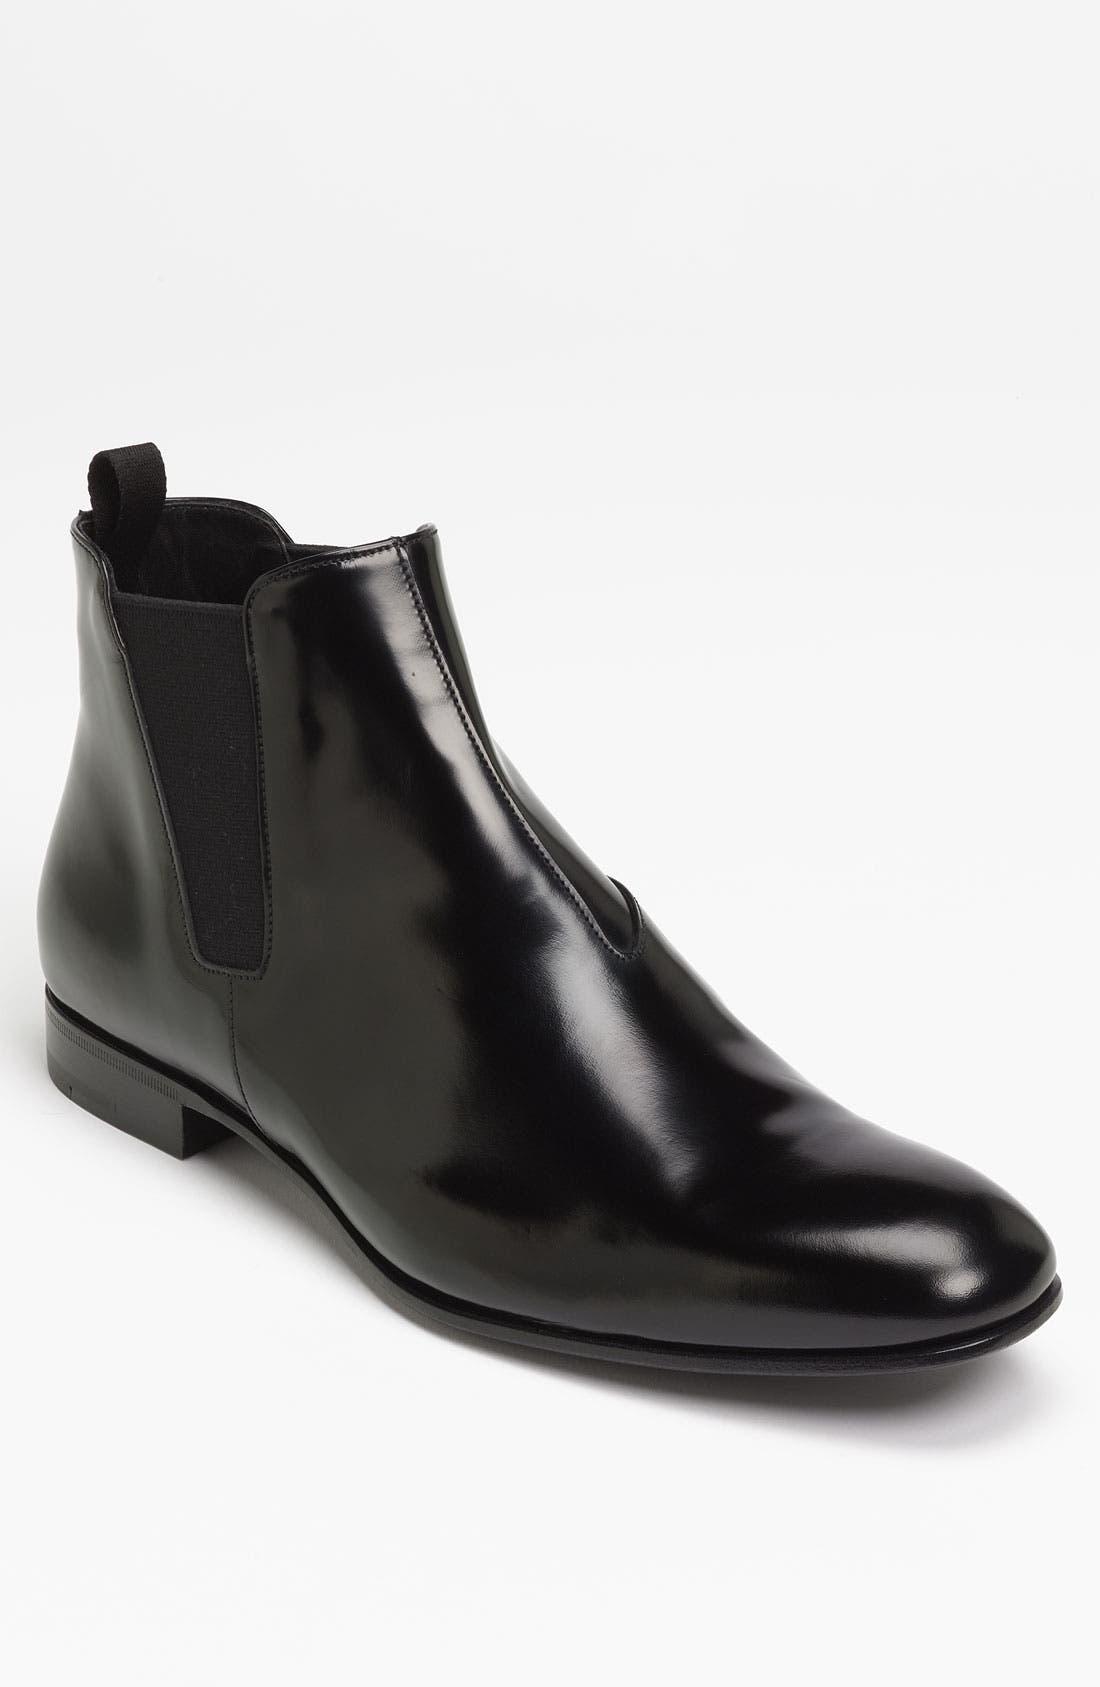 Alternate Image 1 Selected - Prada Chelsea Boot